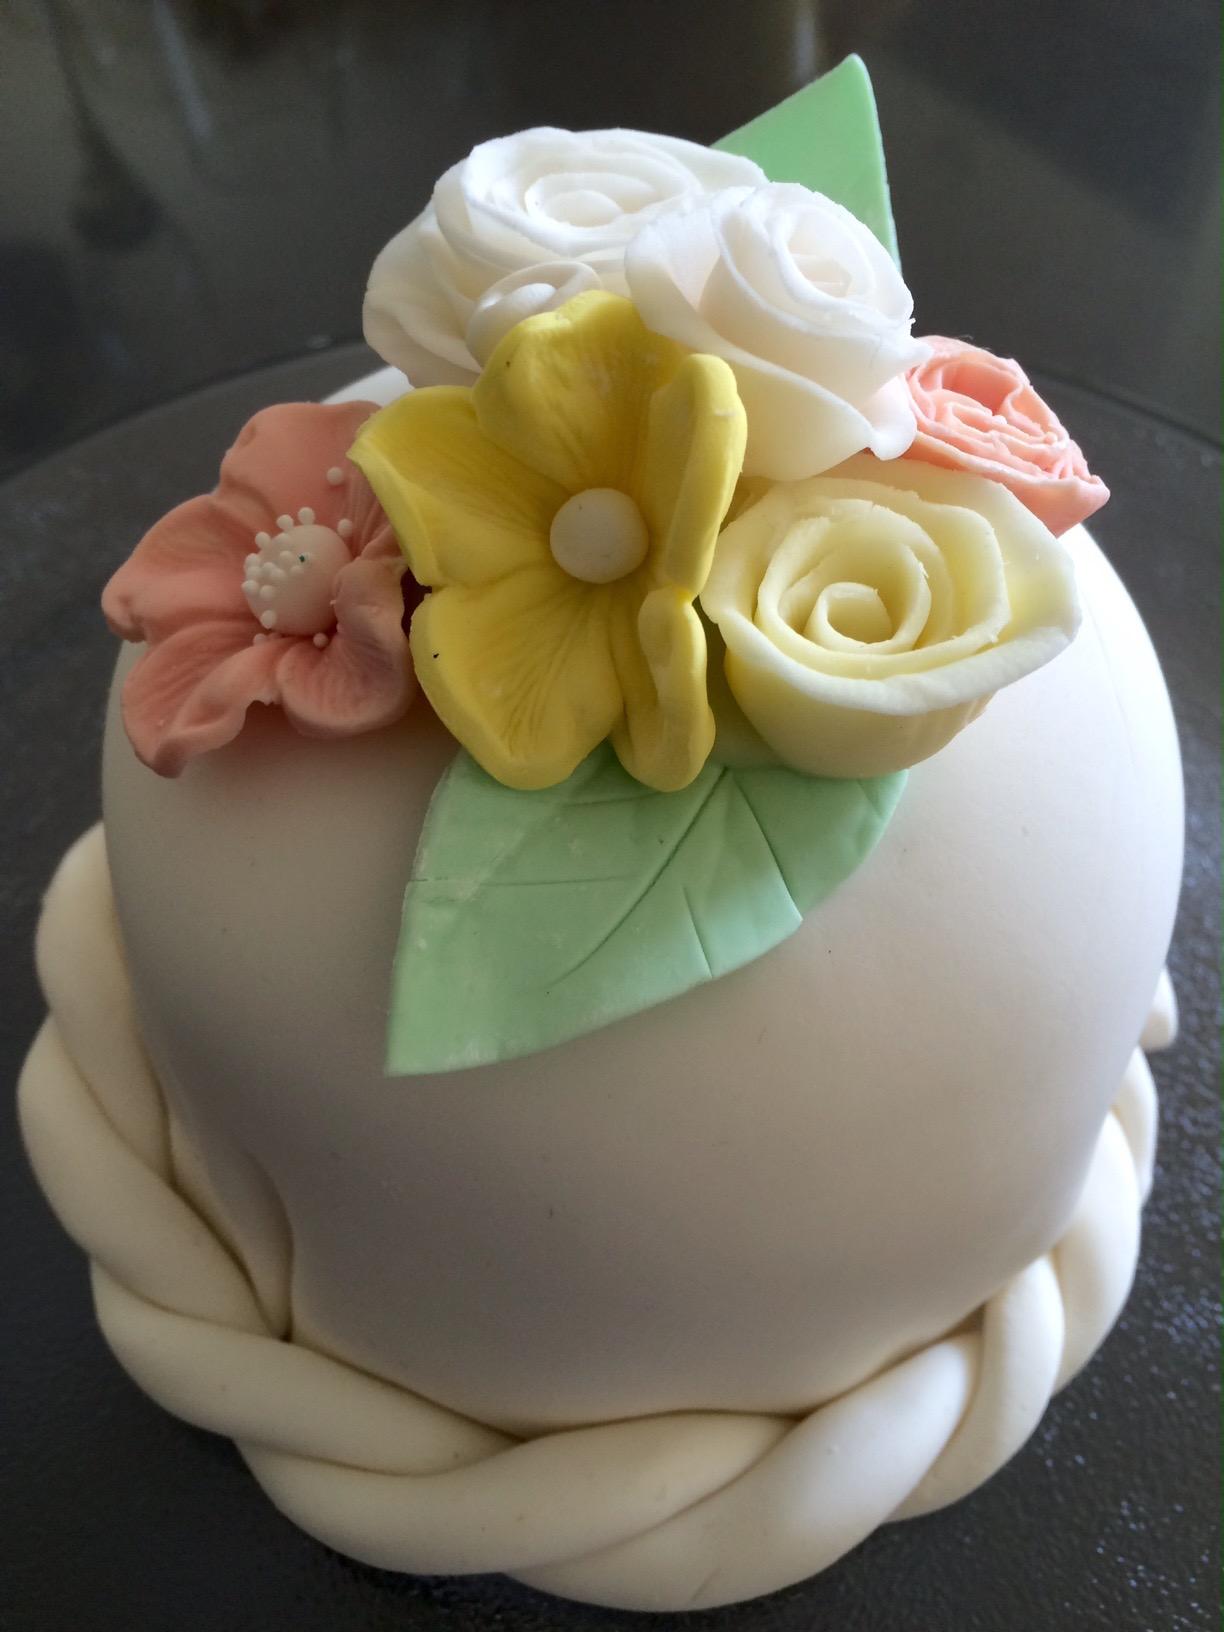 Best Friend Birthday Cake